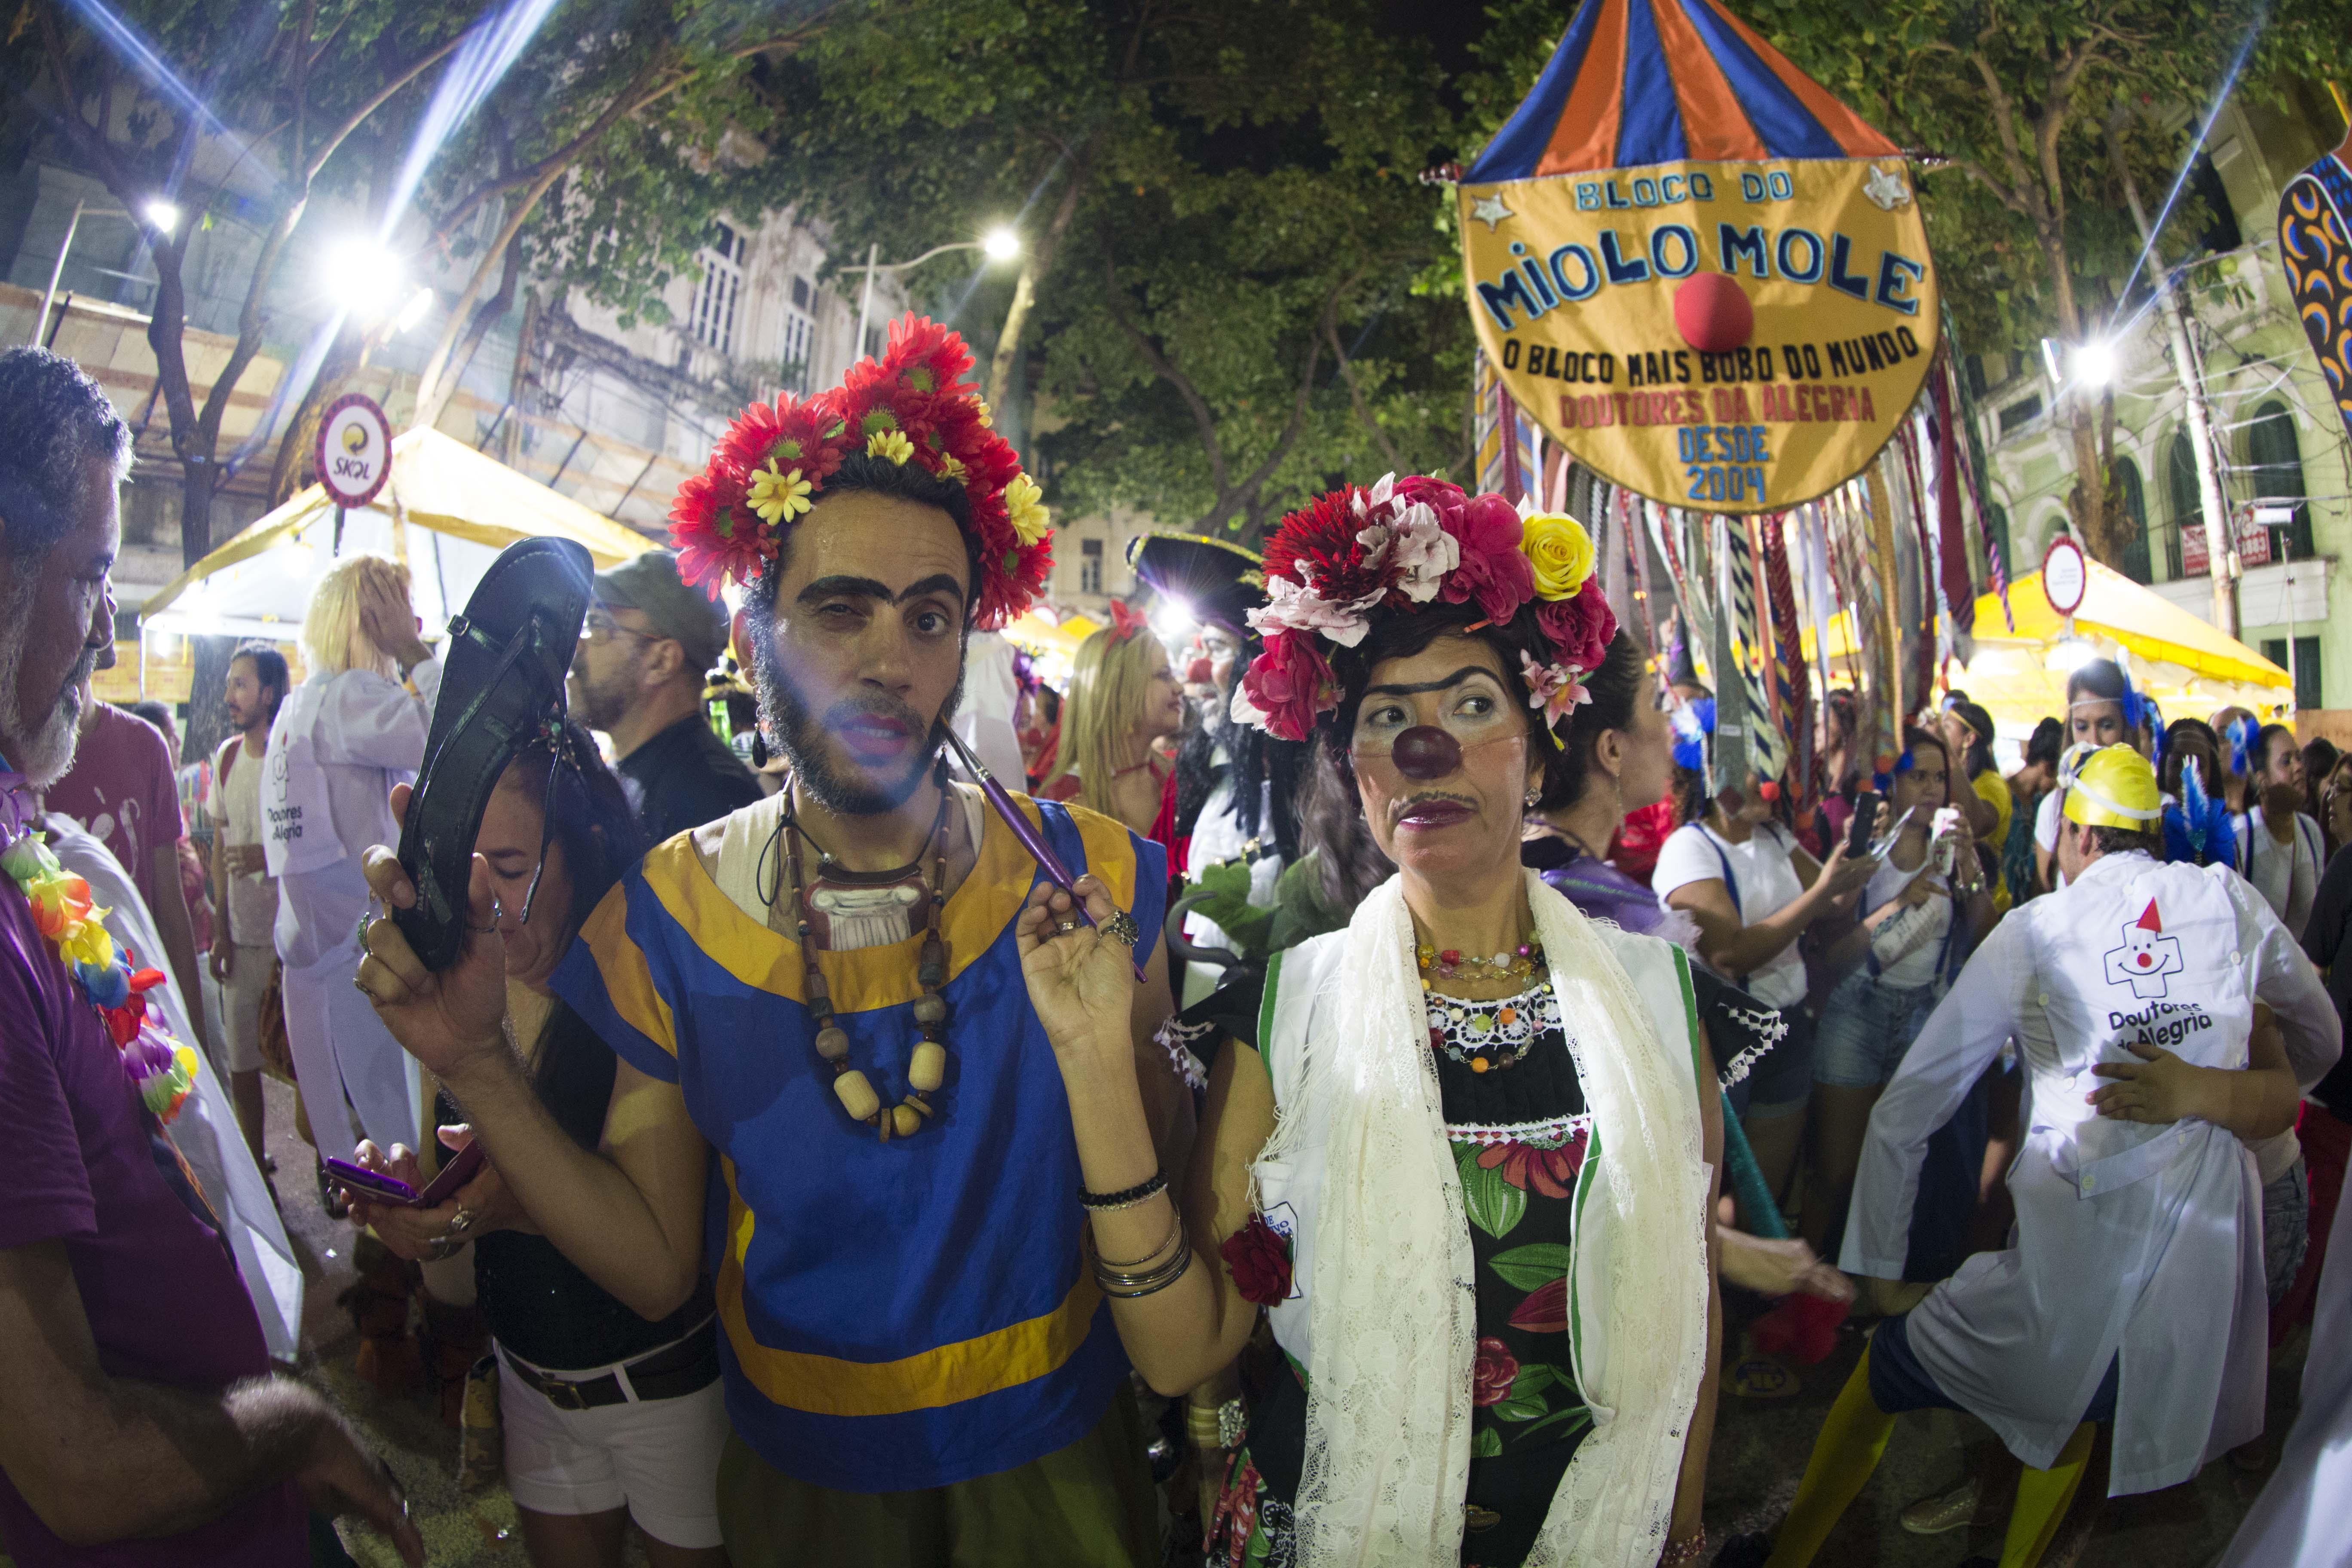 Bloco do Miolo Mole - Crédito: Lana Pinho/Divulgação